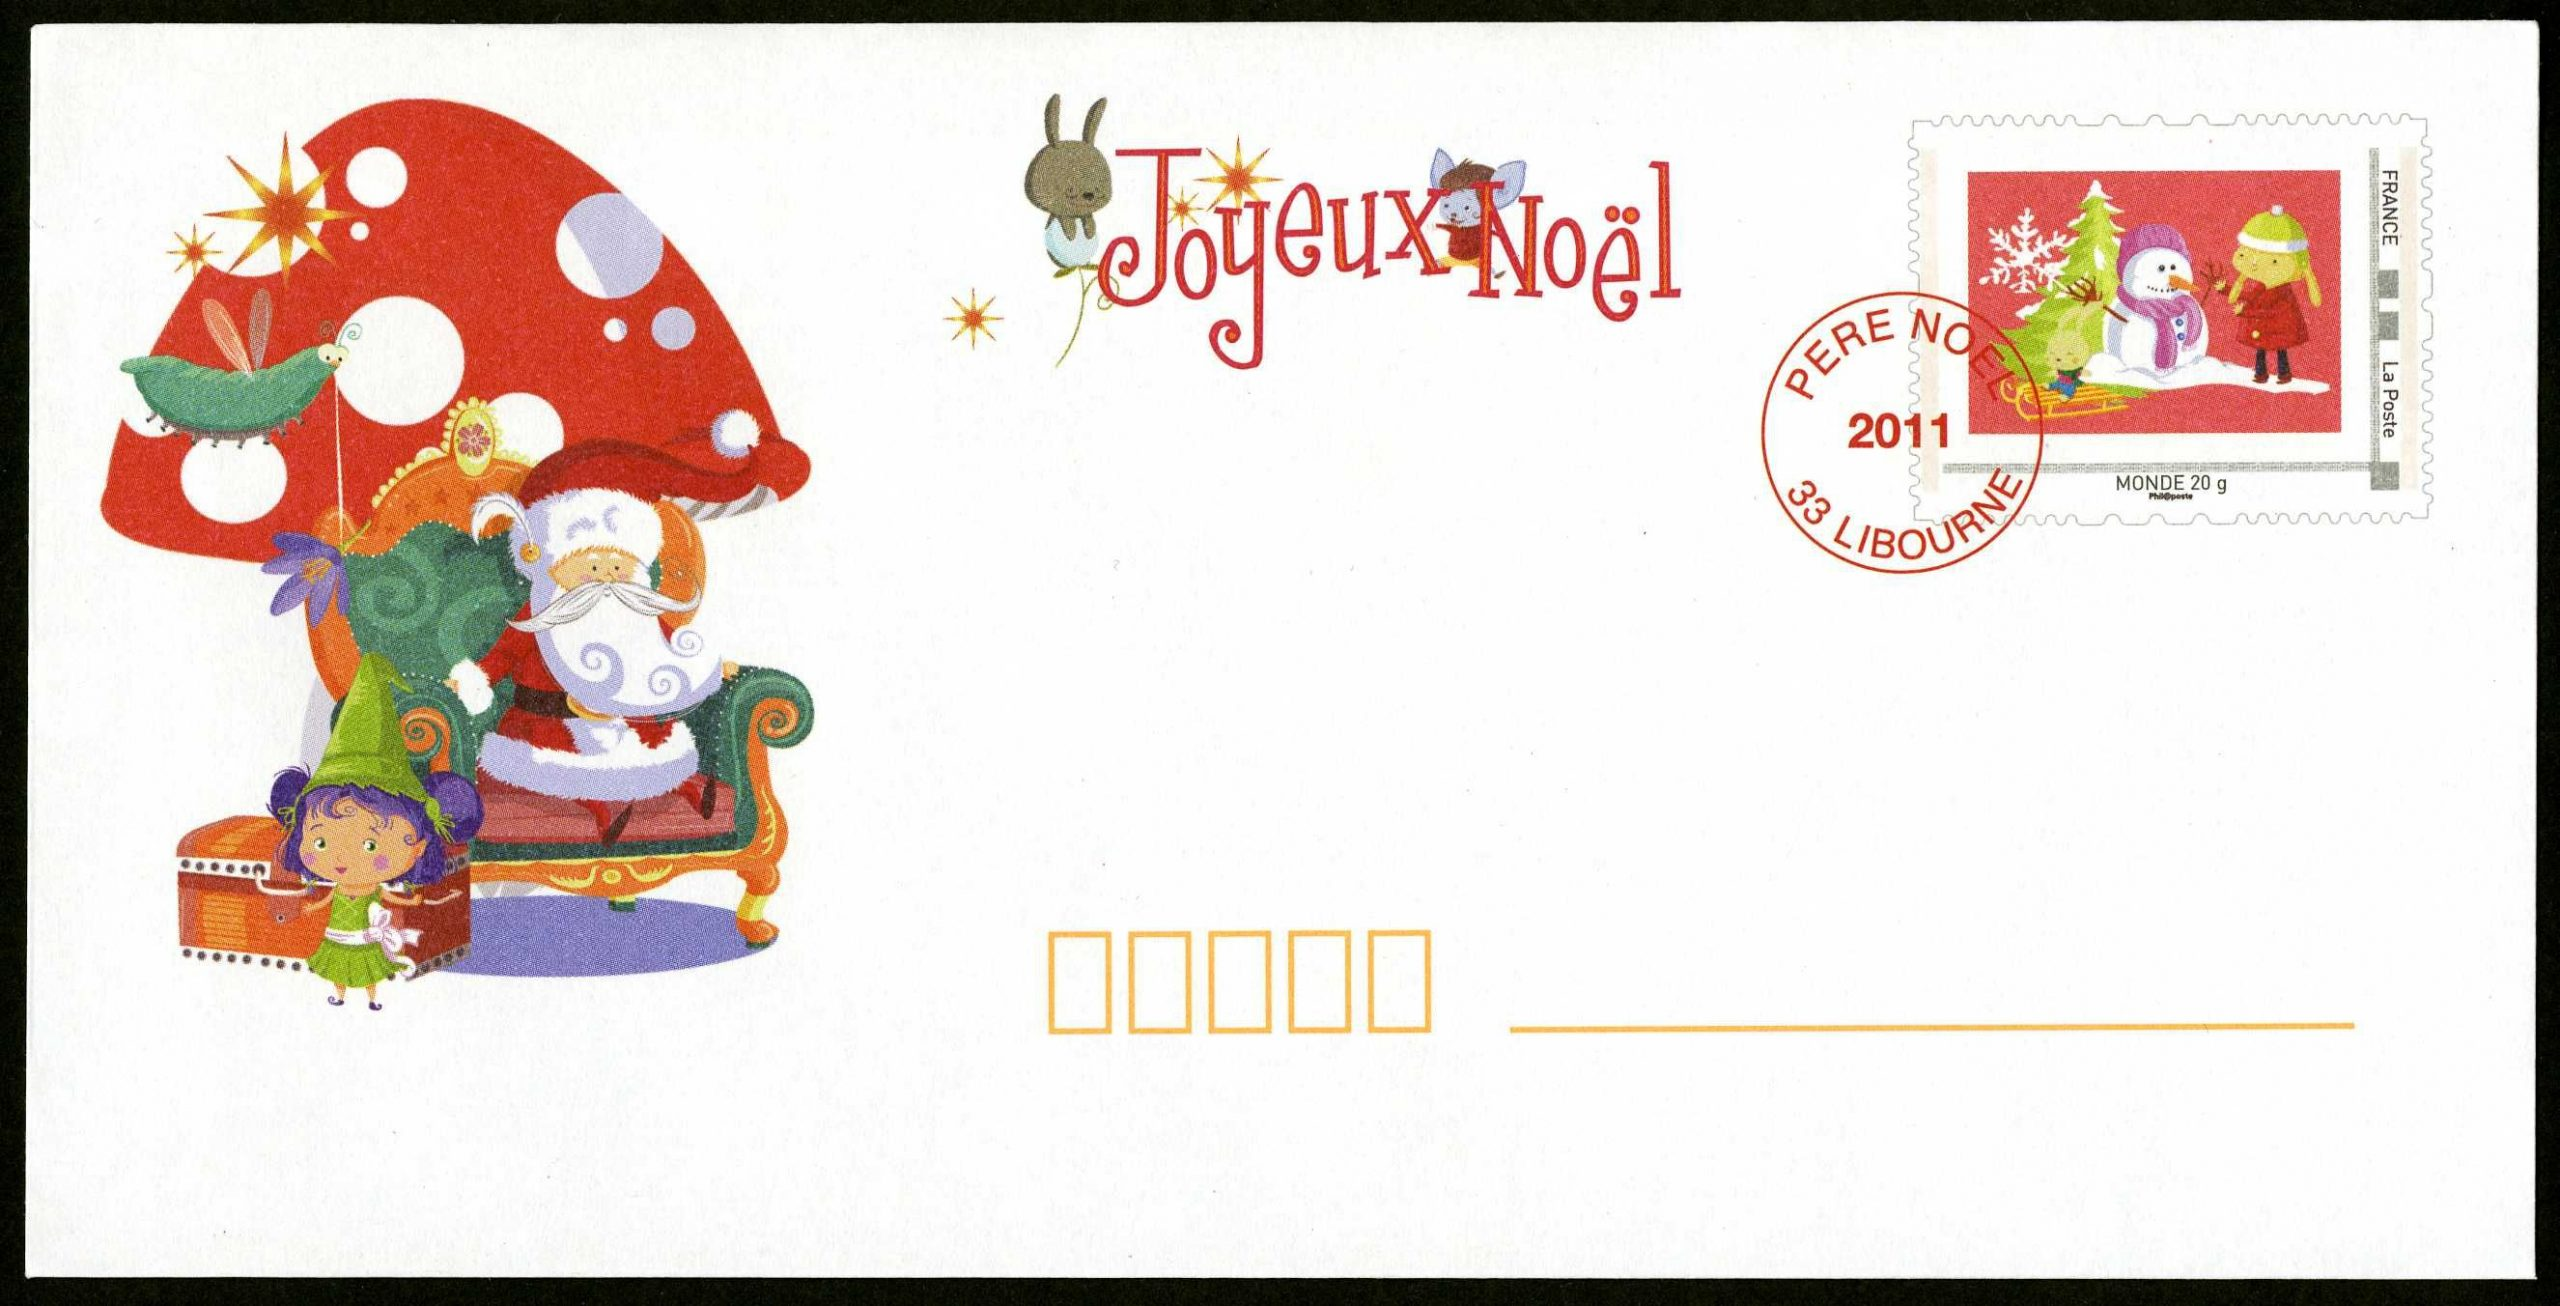 Papier À Lettre Reponse Du Pere Noel Gratuit | Reponse Du destiné Papier A Lettre Pere Noel Gratuit